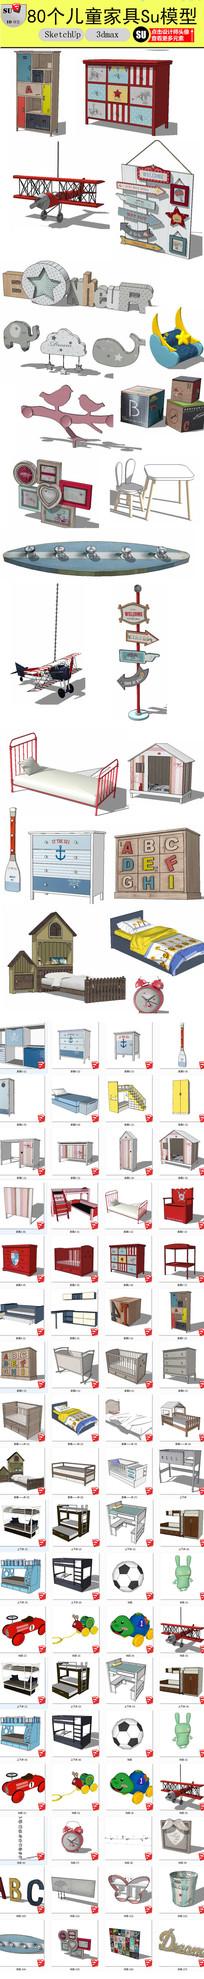 儿童家具饰品SU模型 skp